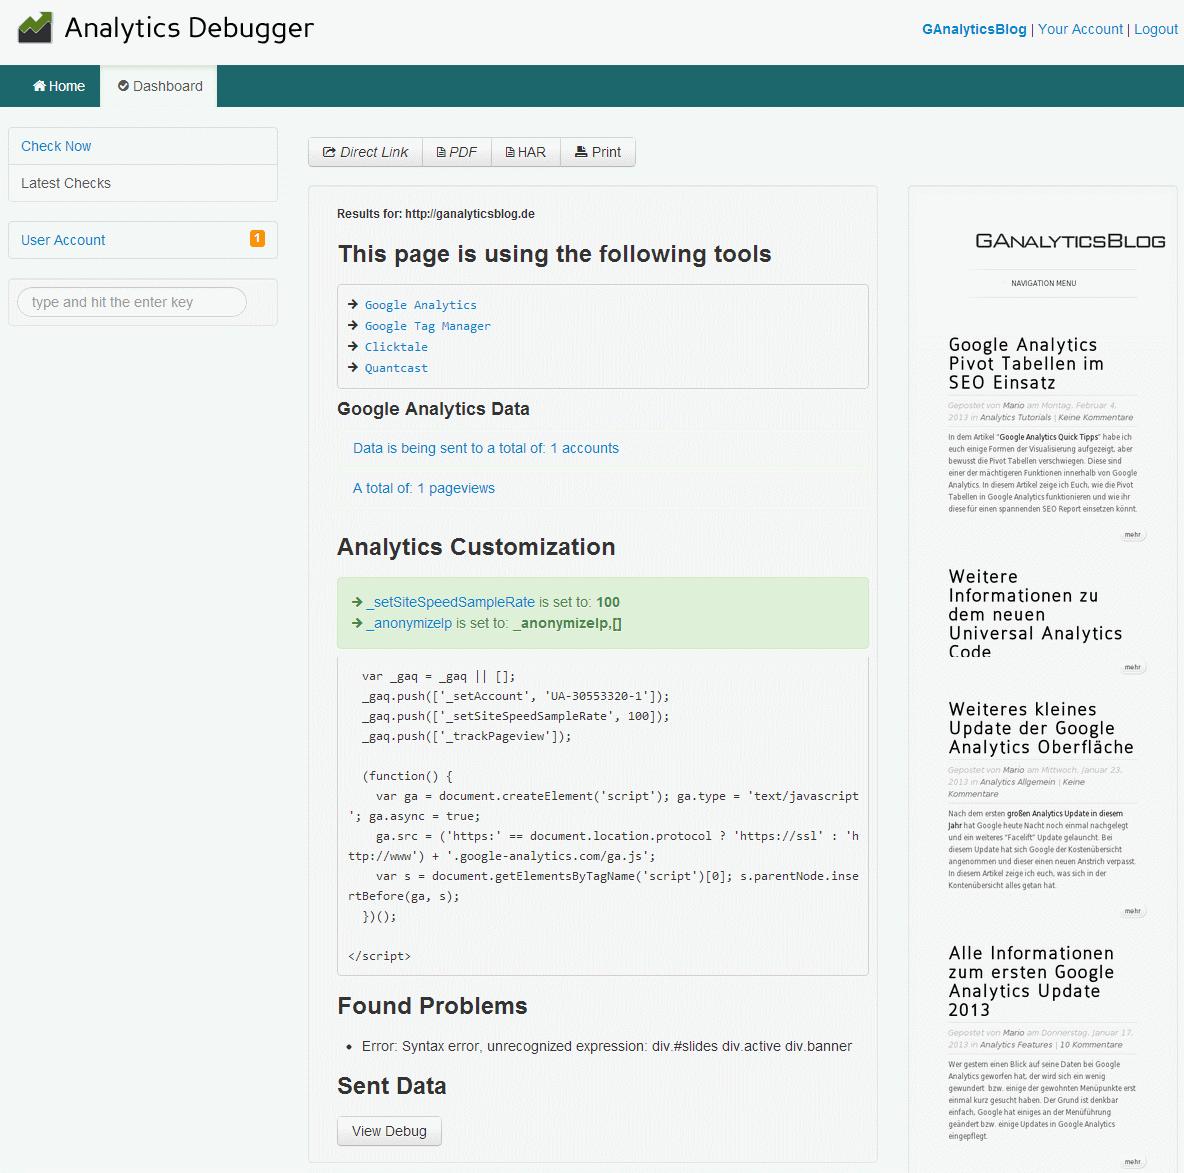 Beispielhafter Bericht des Analytics Debugger